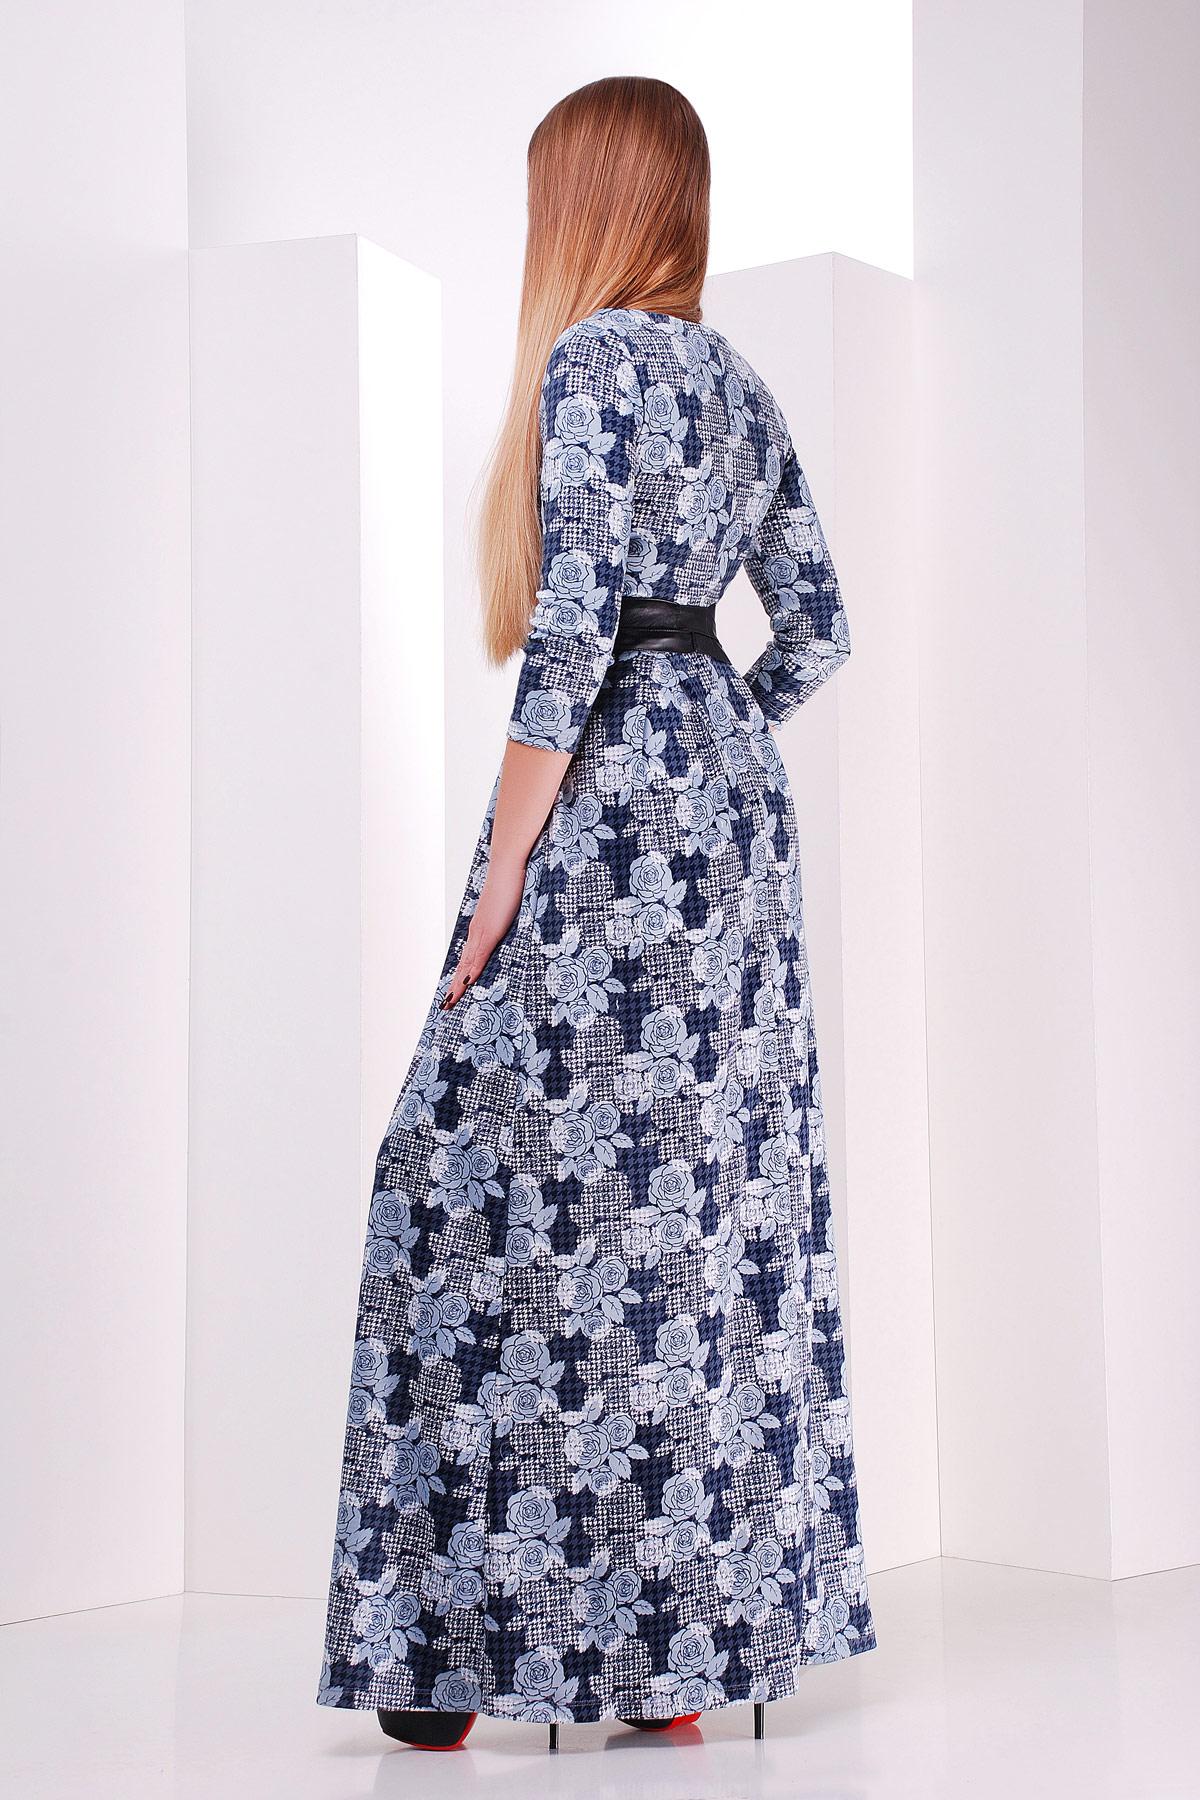 Серое платье макси, украшенное лапкой и розами. платье Шарли д/р. Цвет: серый-лапка-роза